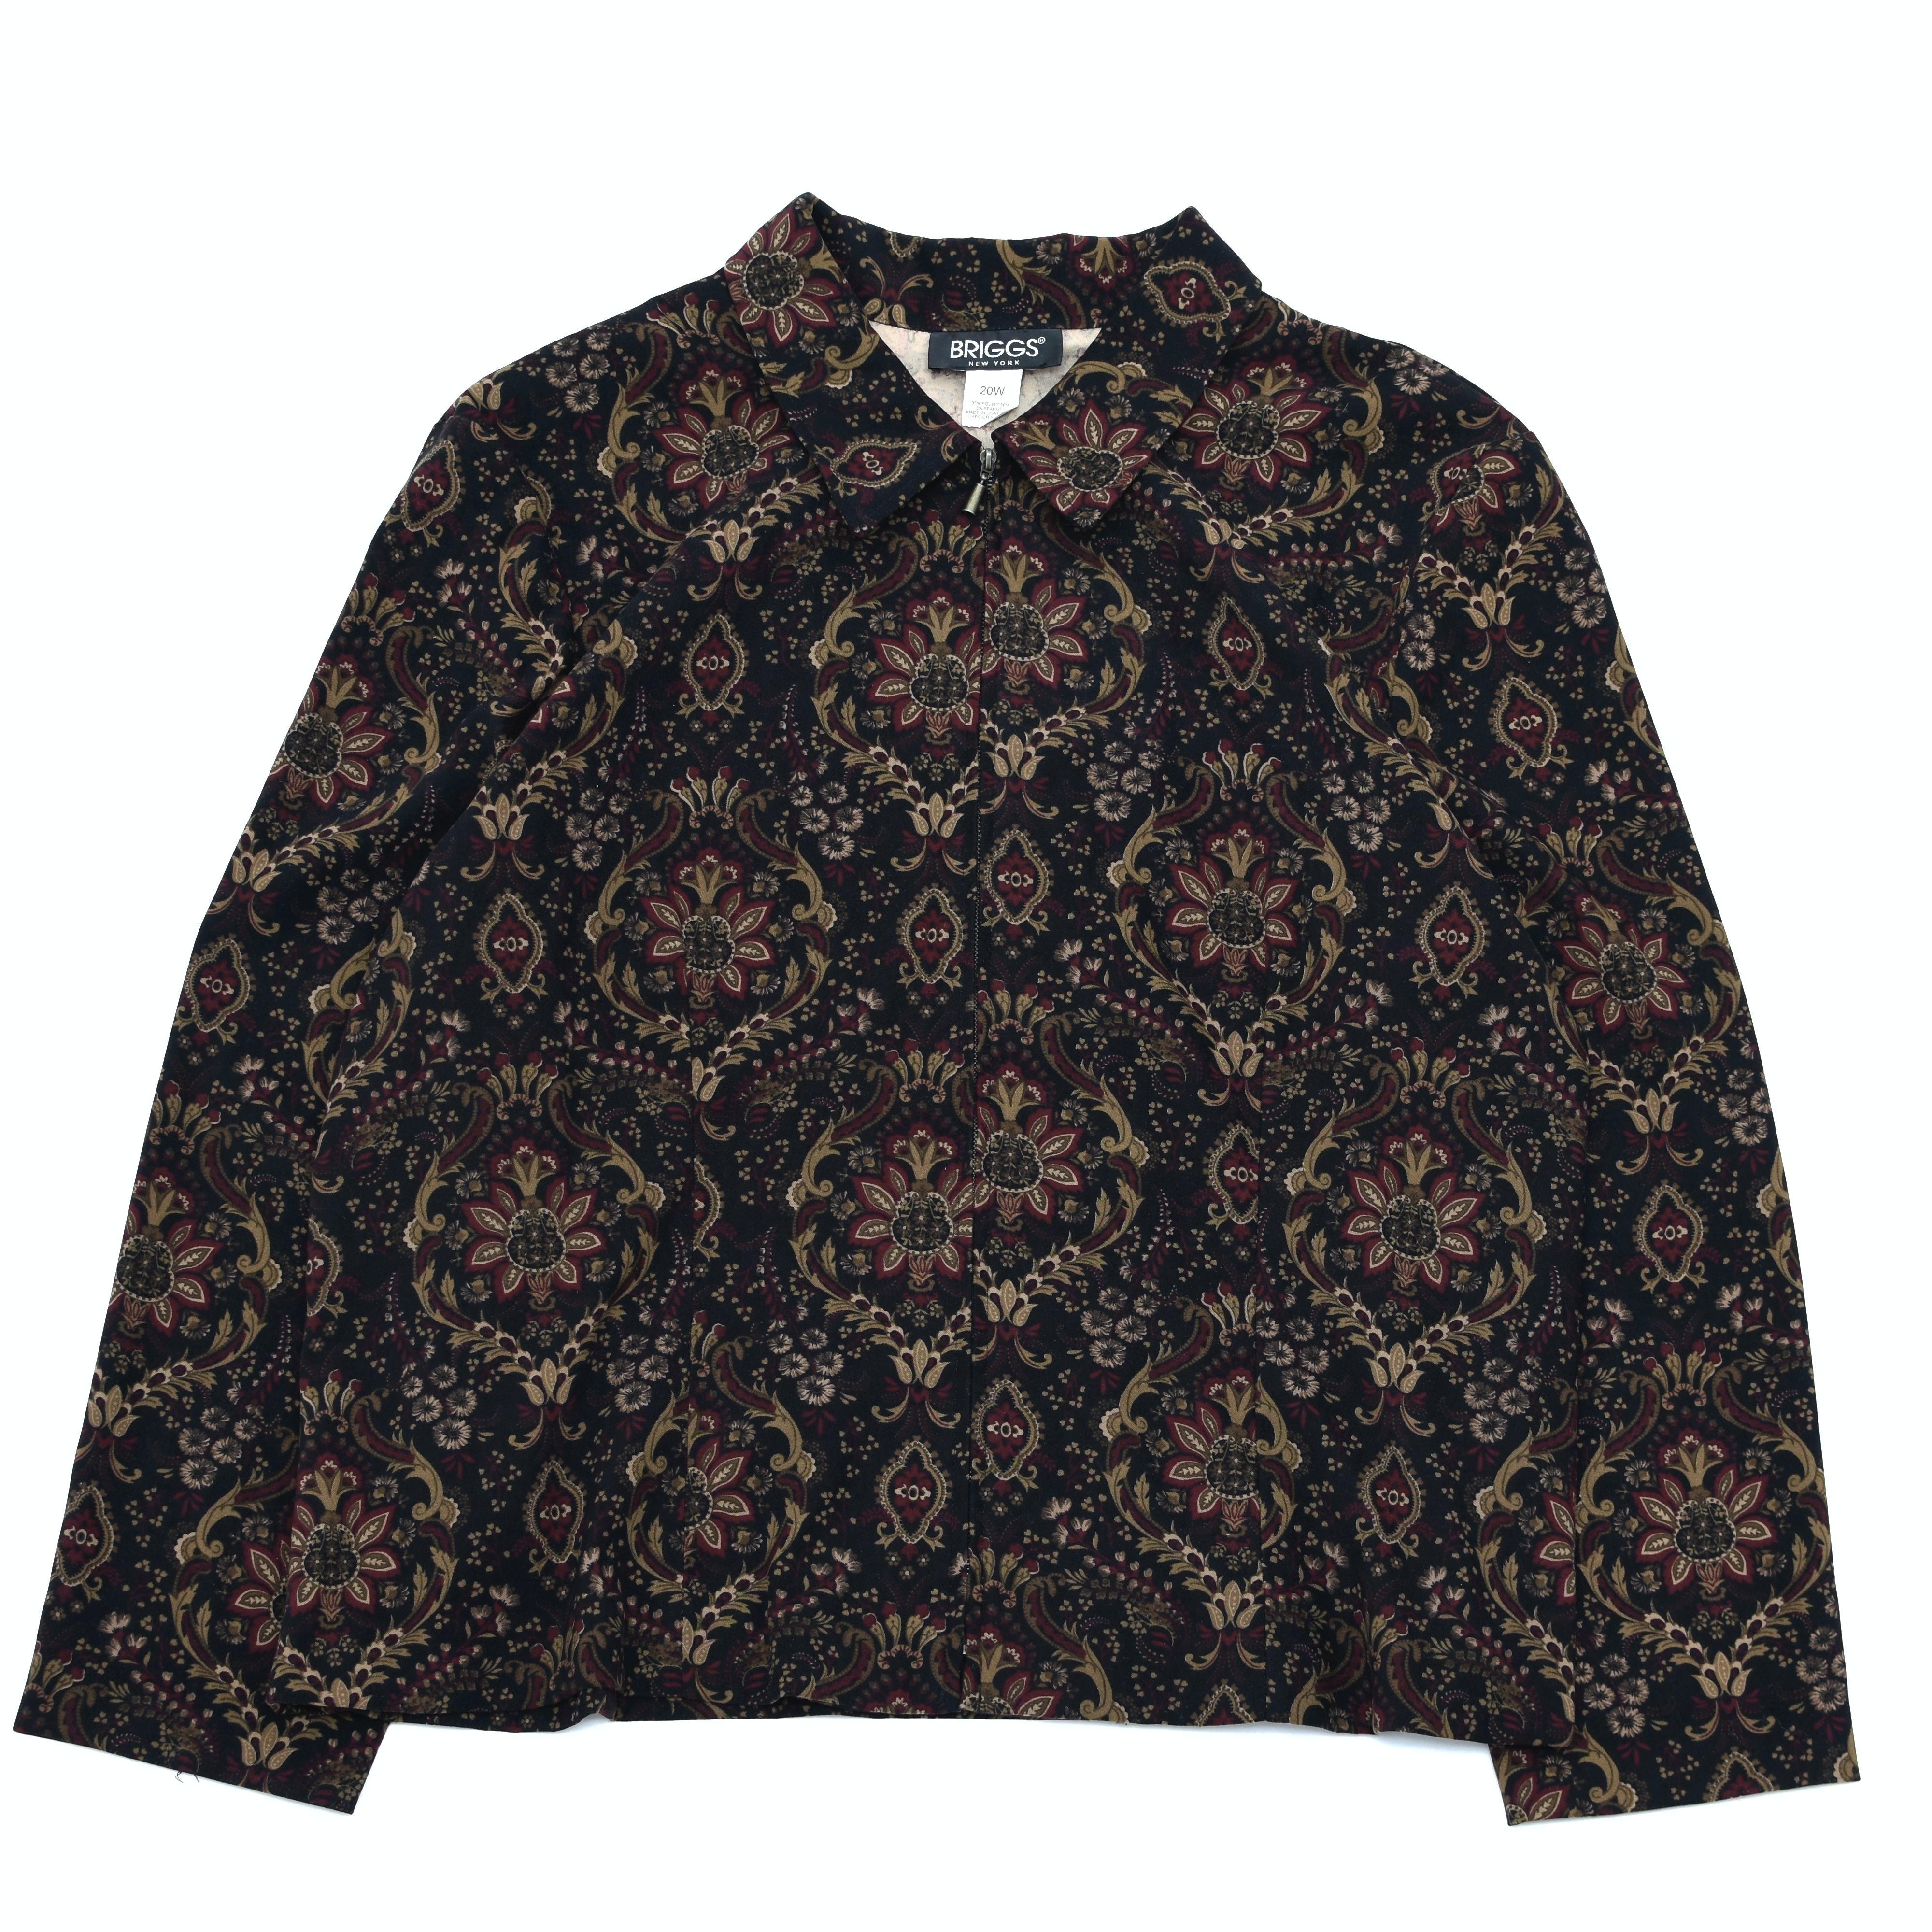 Unisex damask full pattern single jacket